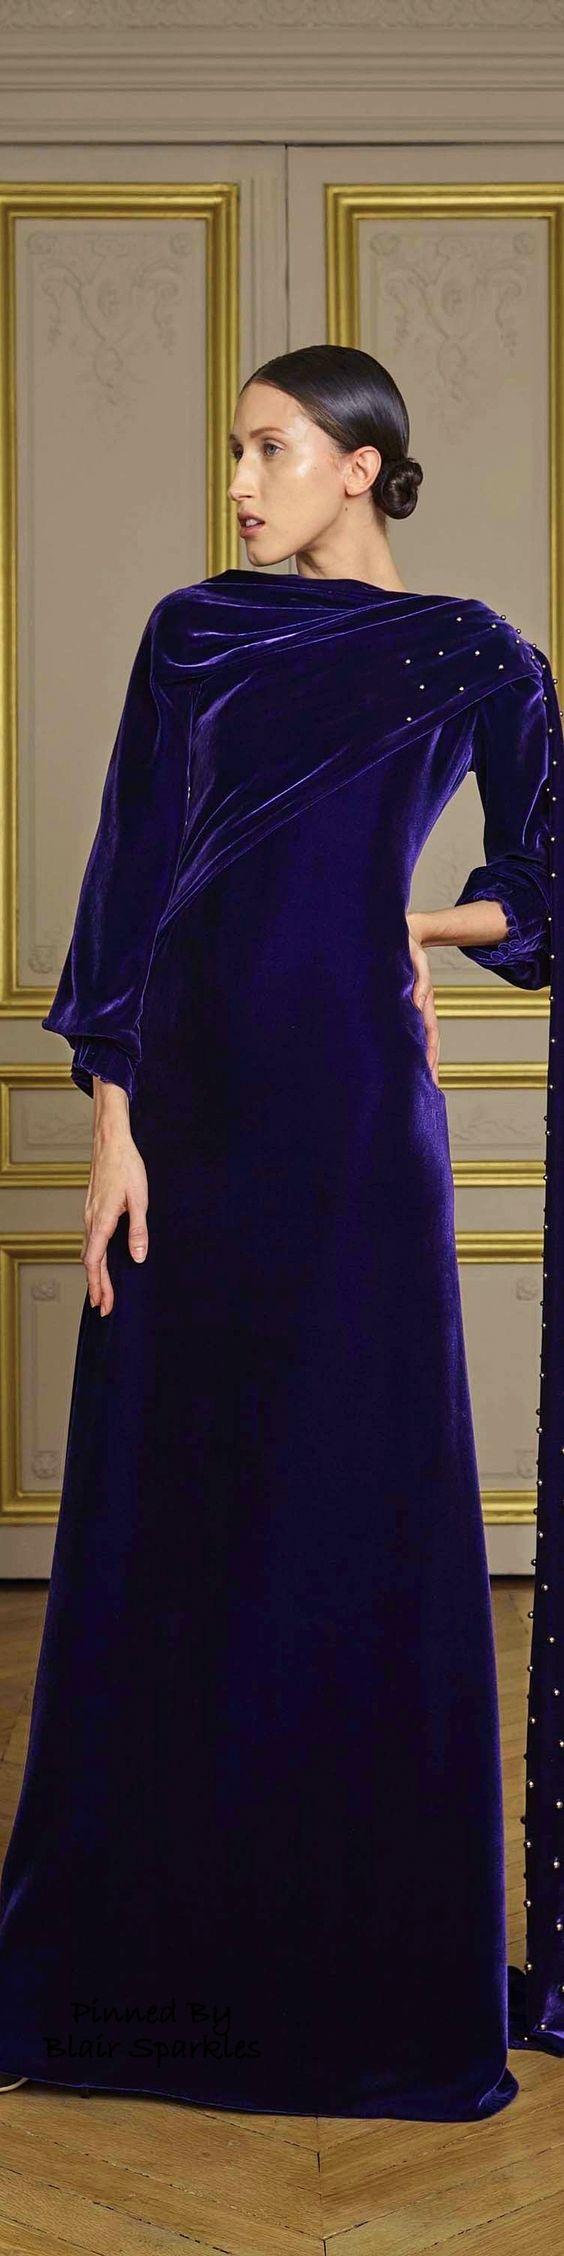 Paris Fall Couture 2016 Giles Deacon ~ ♕♚εїз | BLAIR SPARKLES |